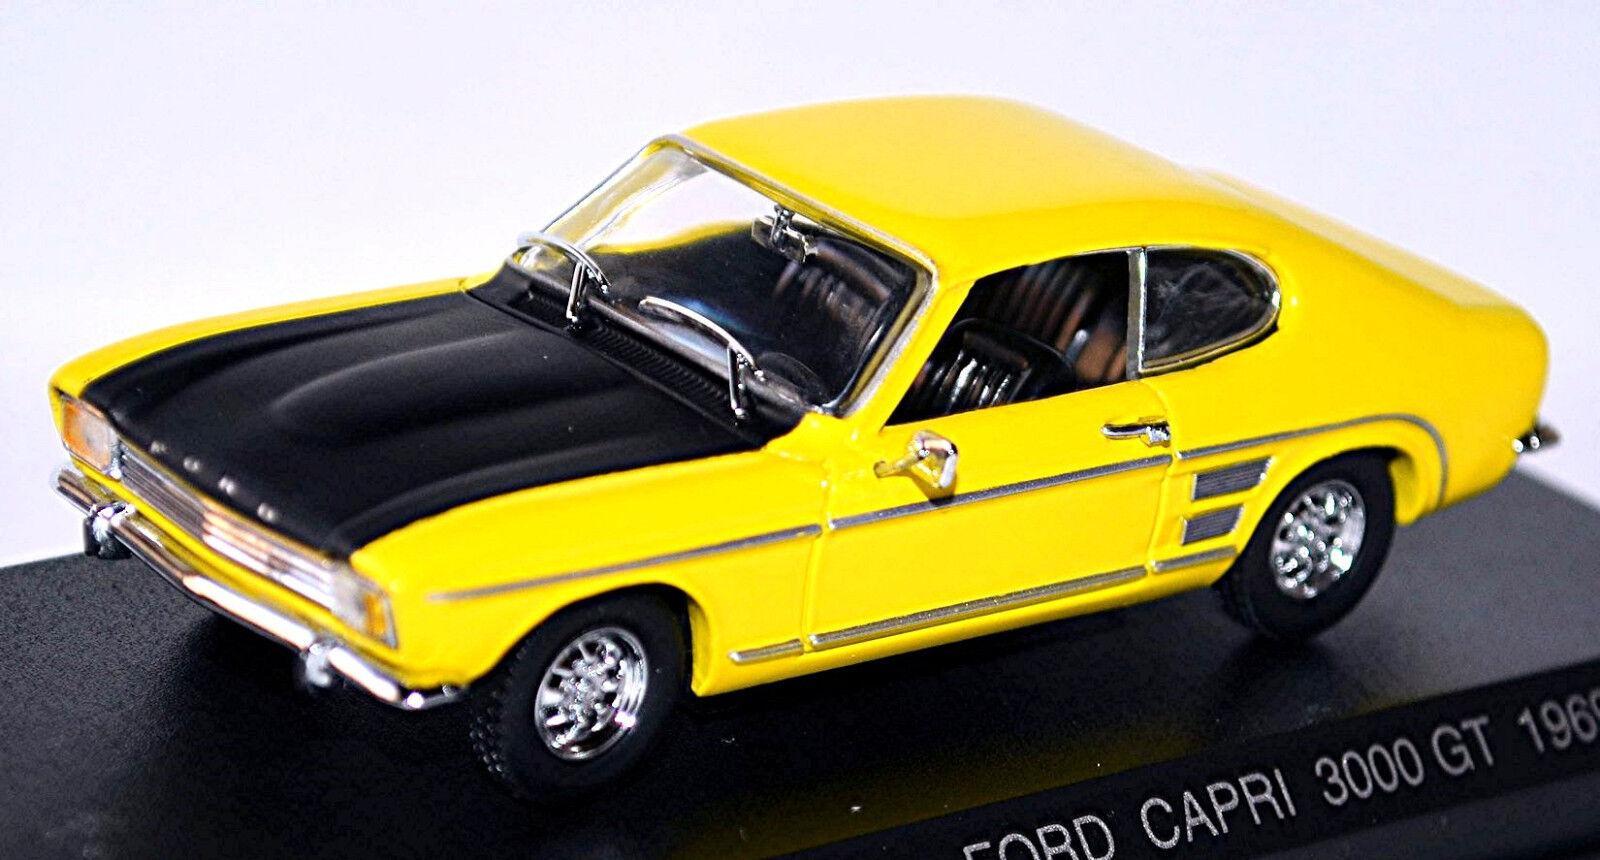 FORD CAPRI 3000 GT 1969-73 Jaune jaune 1 43 Détail Cars